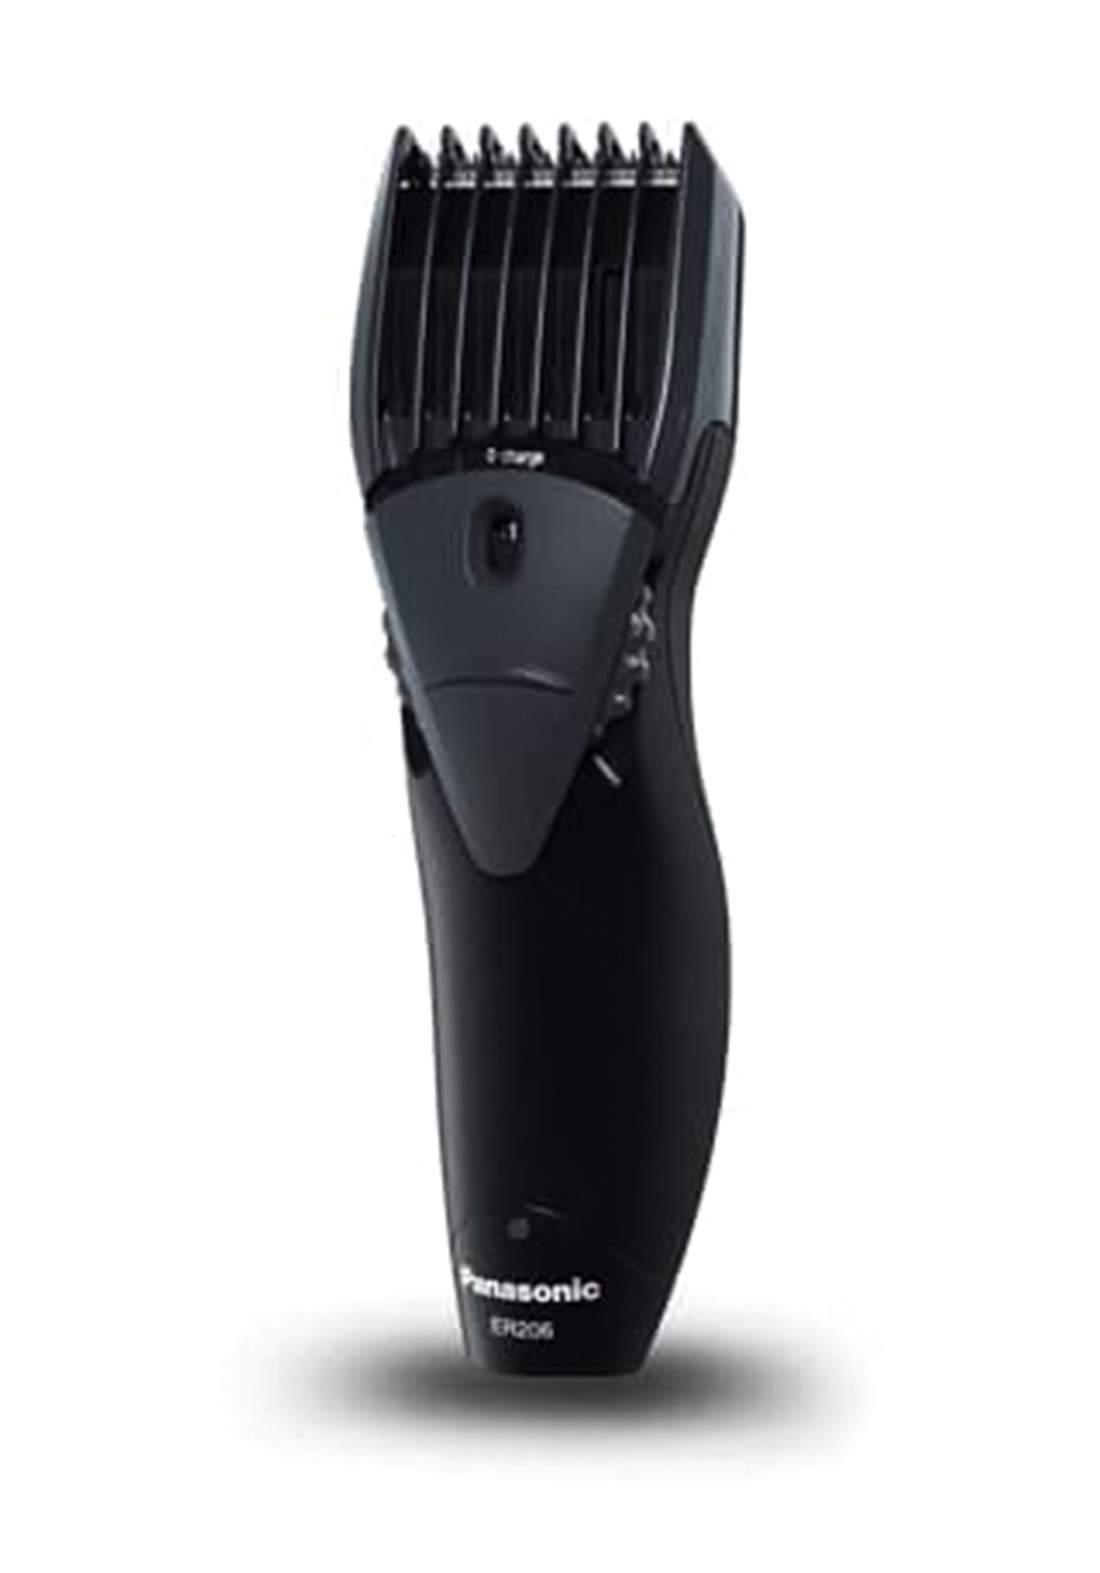 Panasonic-ER217S751 Men's Trimmer ماكينة حلاقة